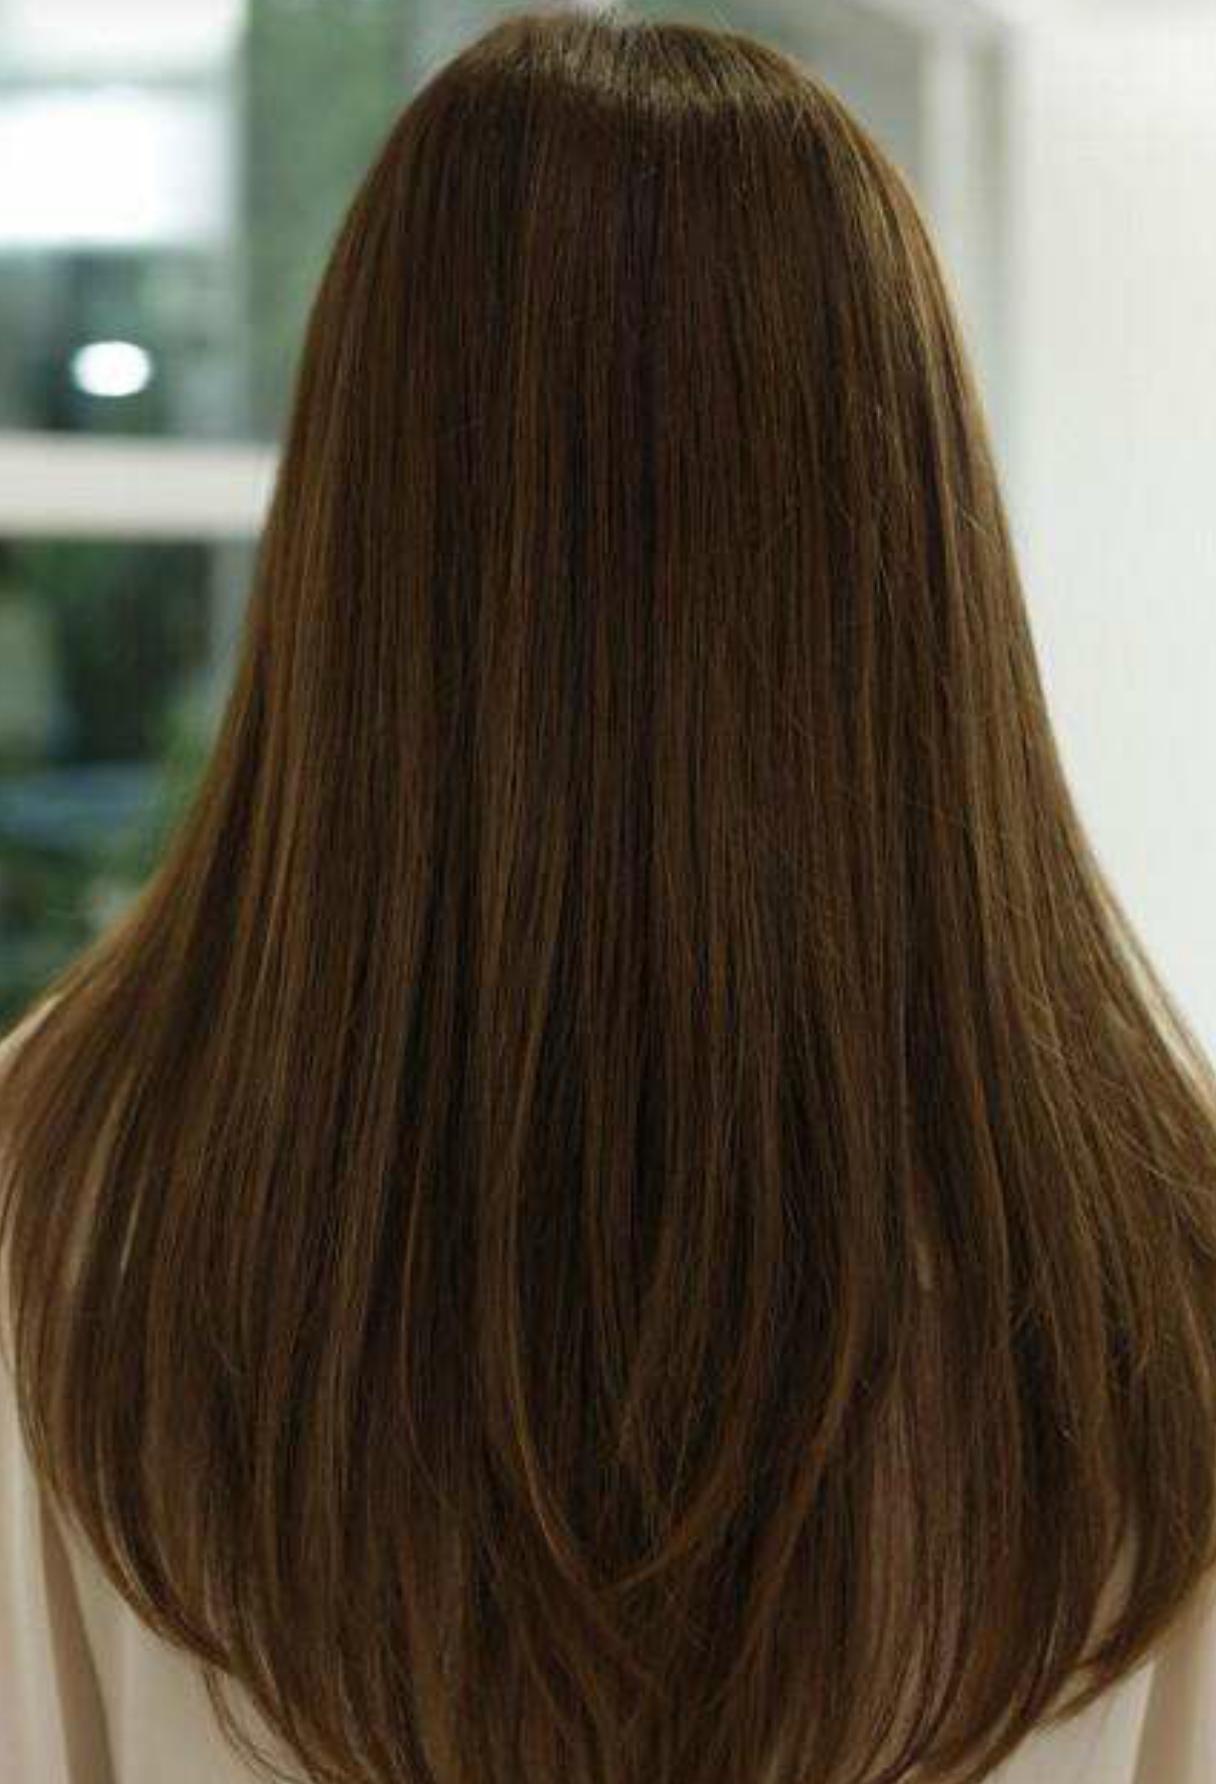 以头发为例: 咖啡色 栗棕色 皮肤颜色不同适合的衣服颜色也不一样.